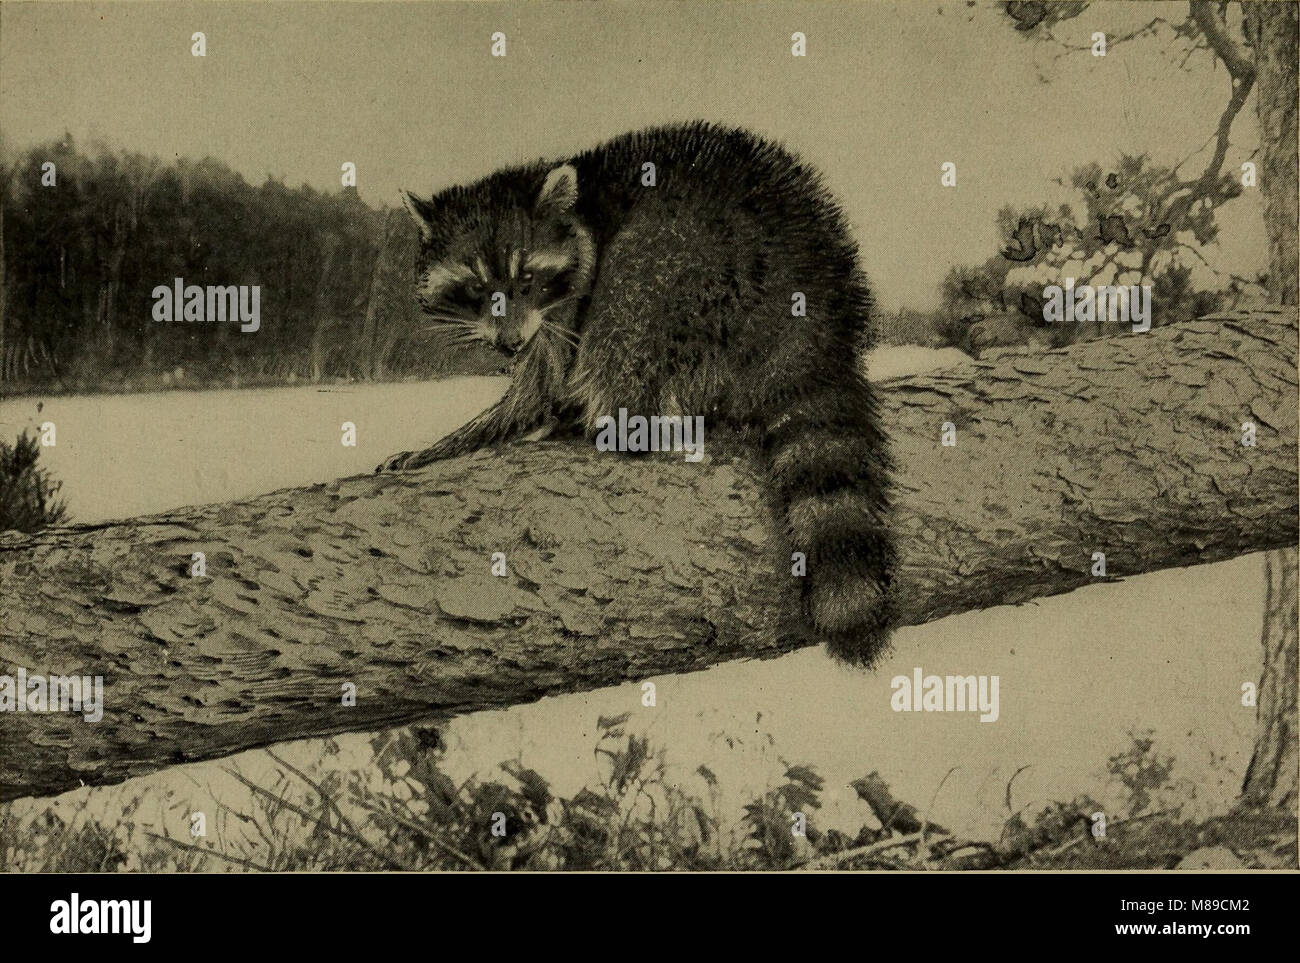 Bien connaître la vie au champ et forêt; les animaux, les oiseaux, les grenouilles et salamandres, (1898) (14568966597) Banque D'Images